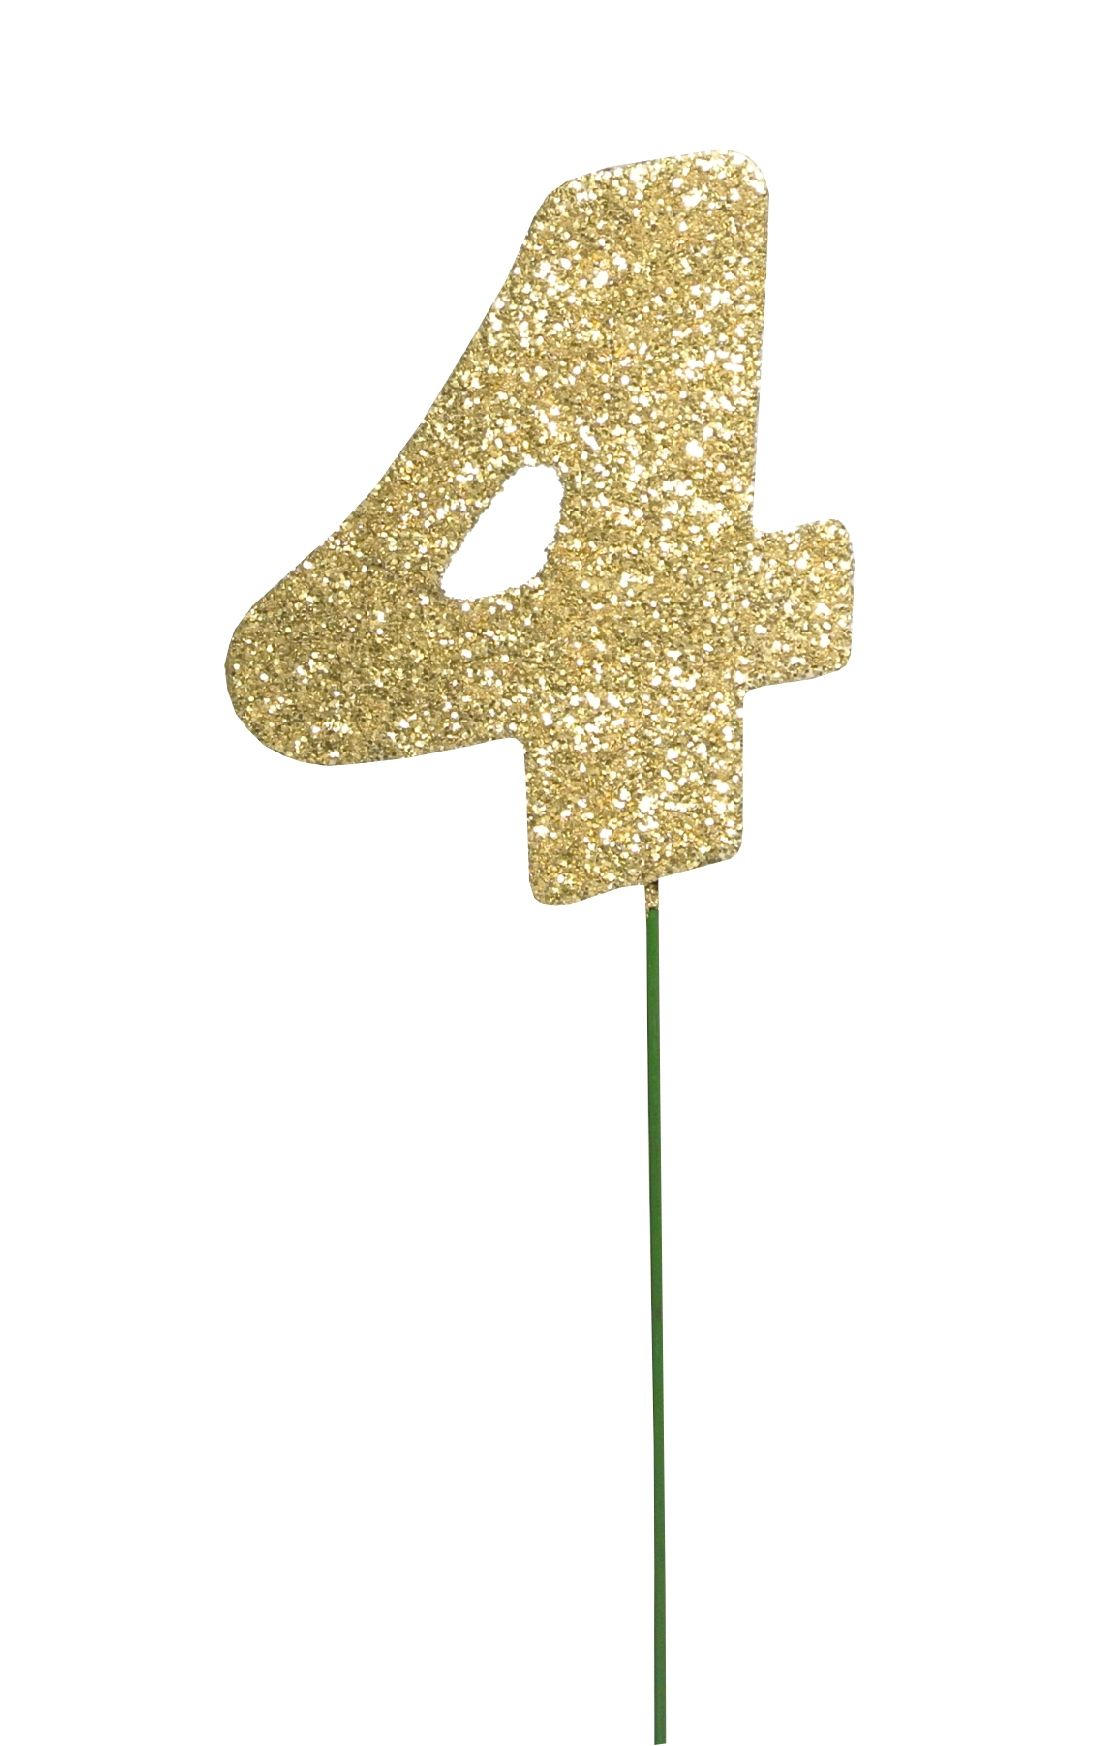 Glimmer-Einzelzahl GOLD 4er